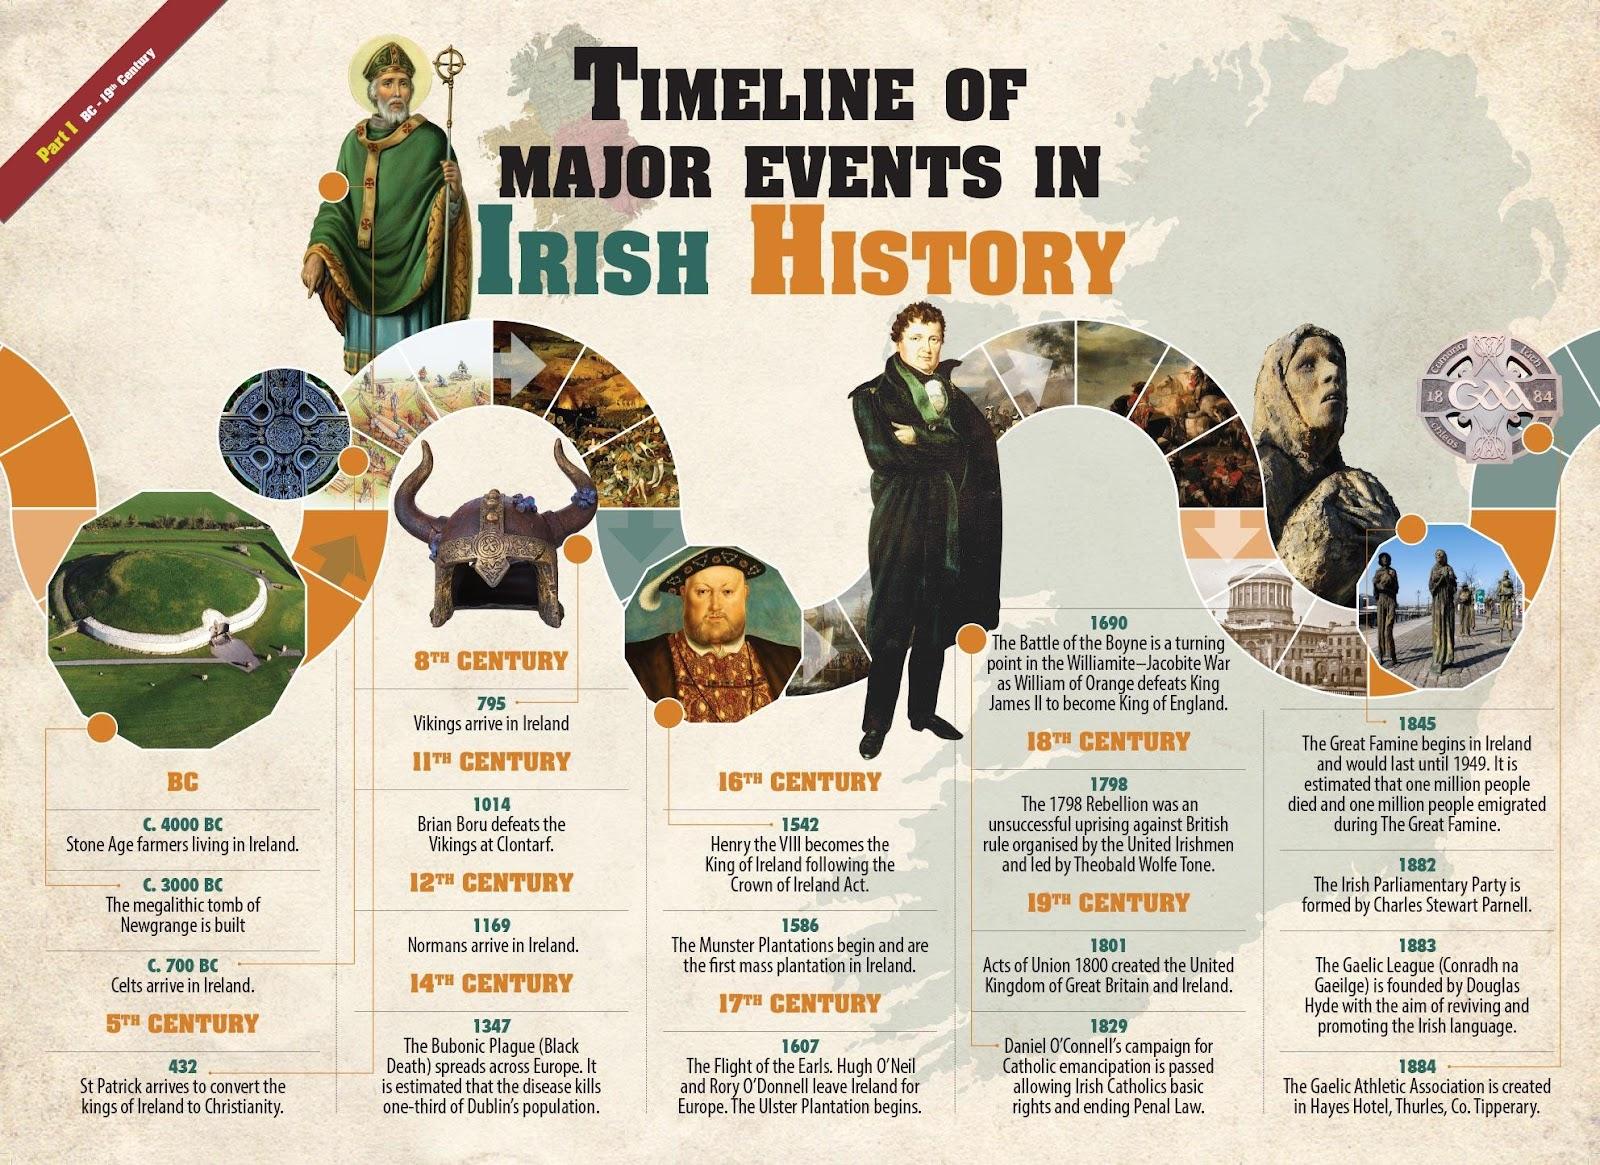 H:\IRELAND\images\timeline-part1.jpg